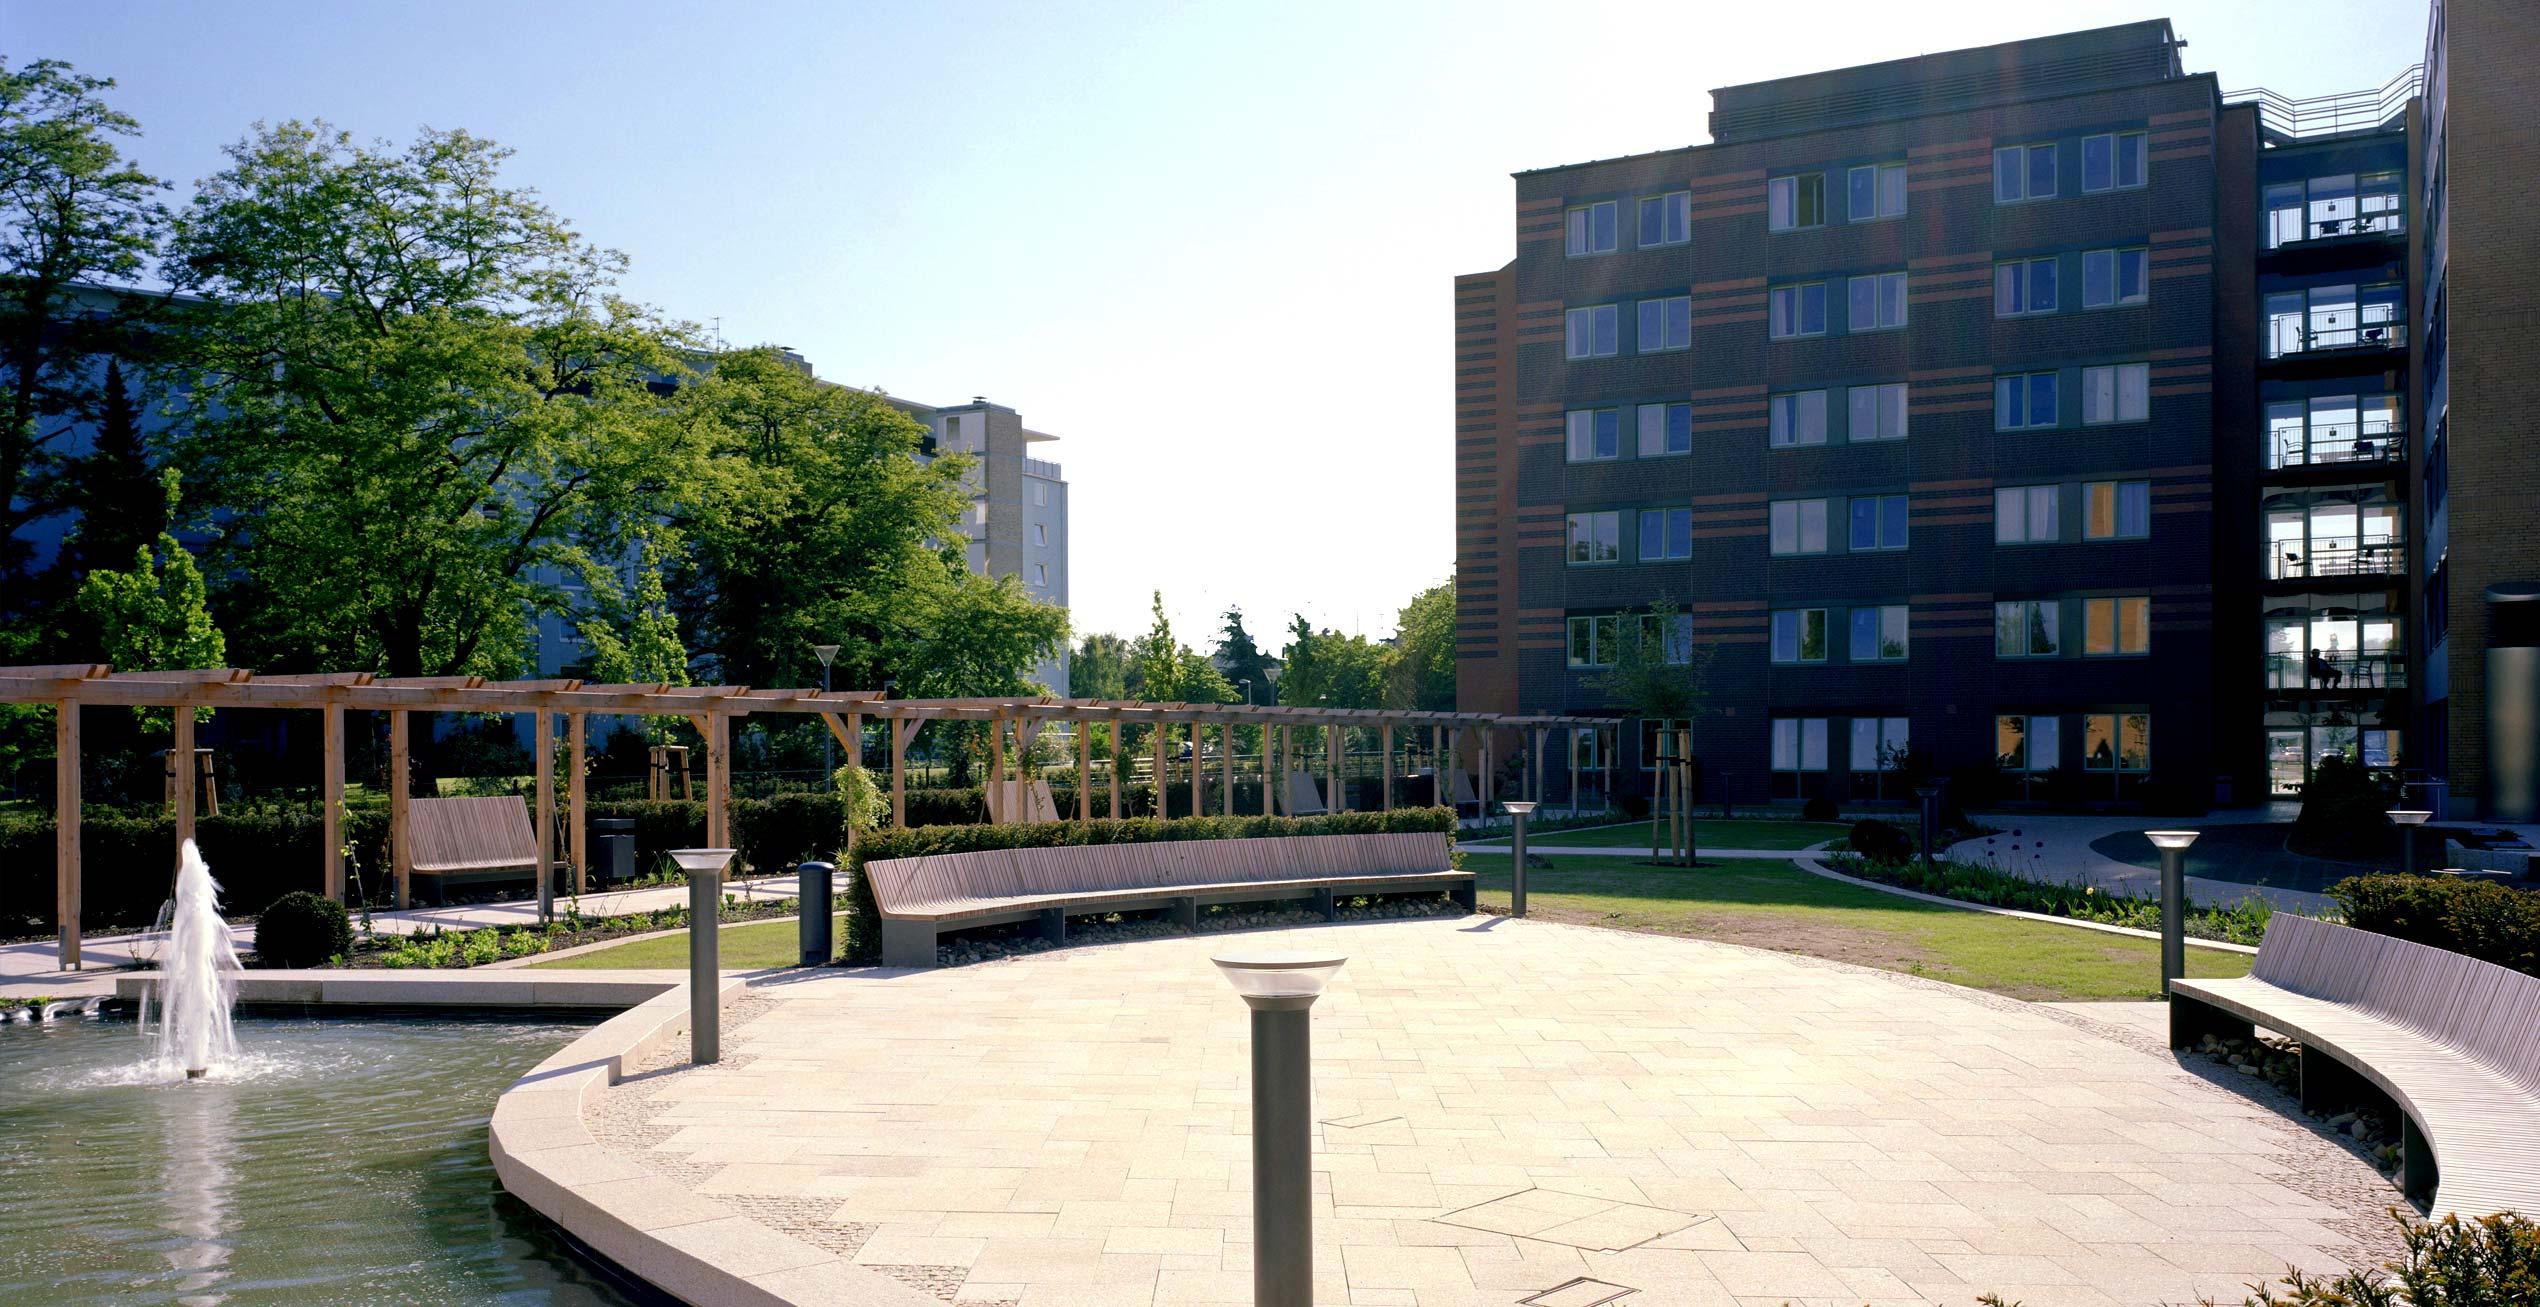 Bild der Aussenanlage des Bettenhauses im Herzogin Elisabeth Hospital, Braunschweig